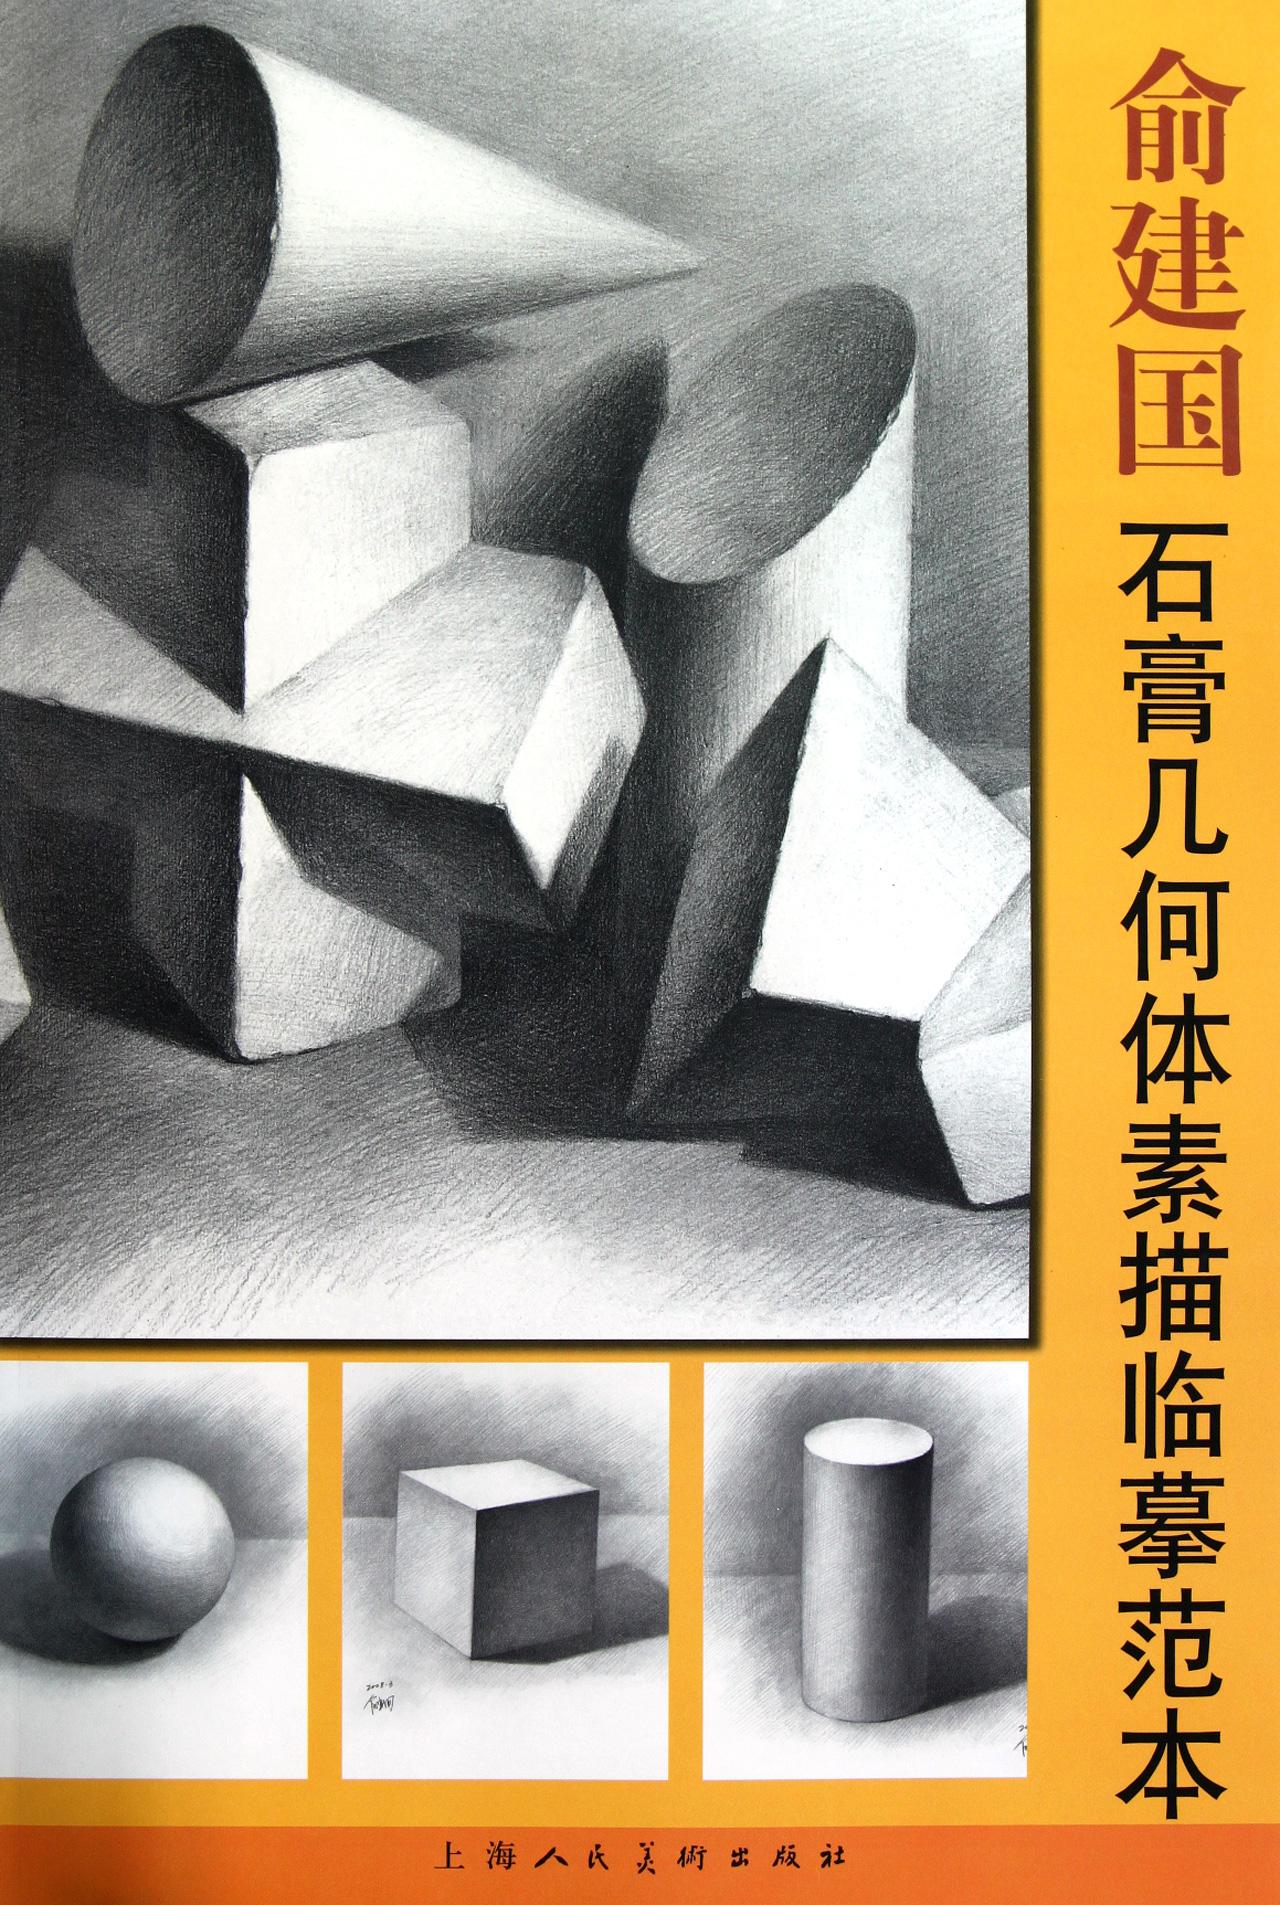 石膏几何体结构素描 球体,正方体,长方体,多边体,圆柱